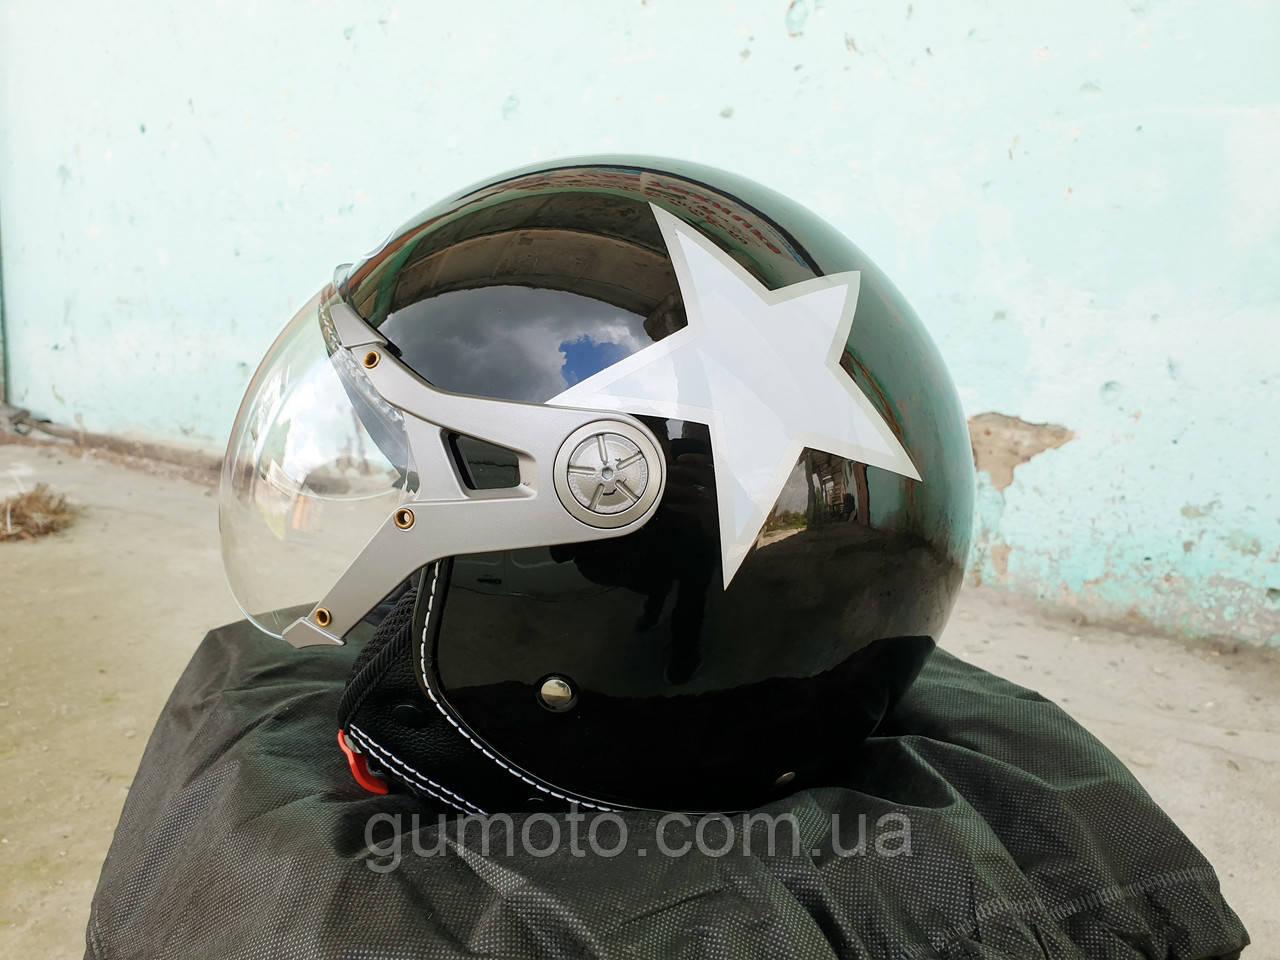 Мотошлем FXW HF-225 черный со звездой